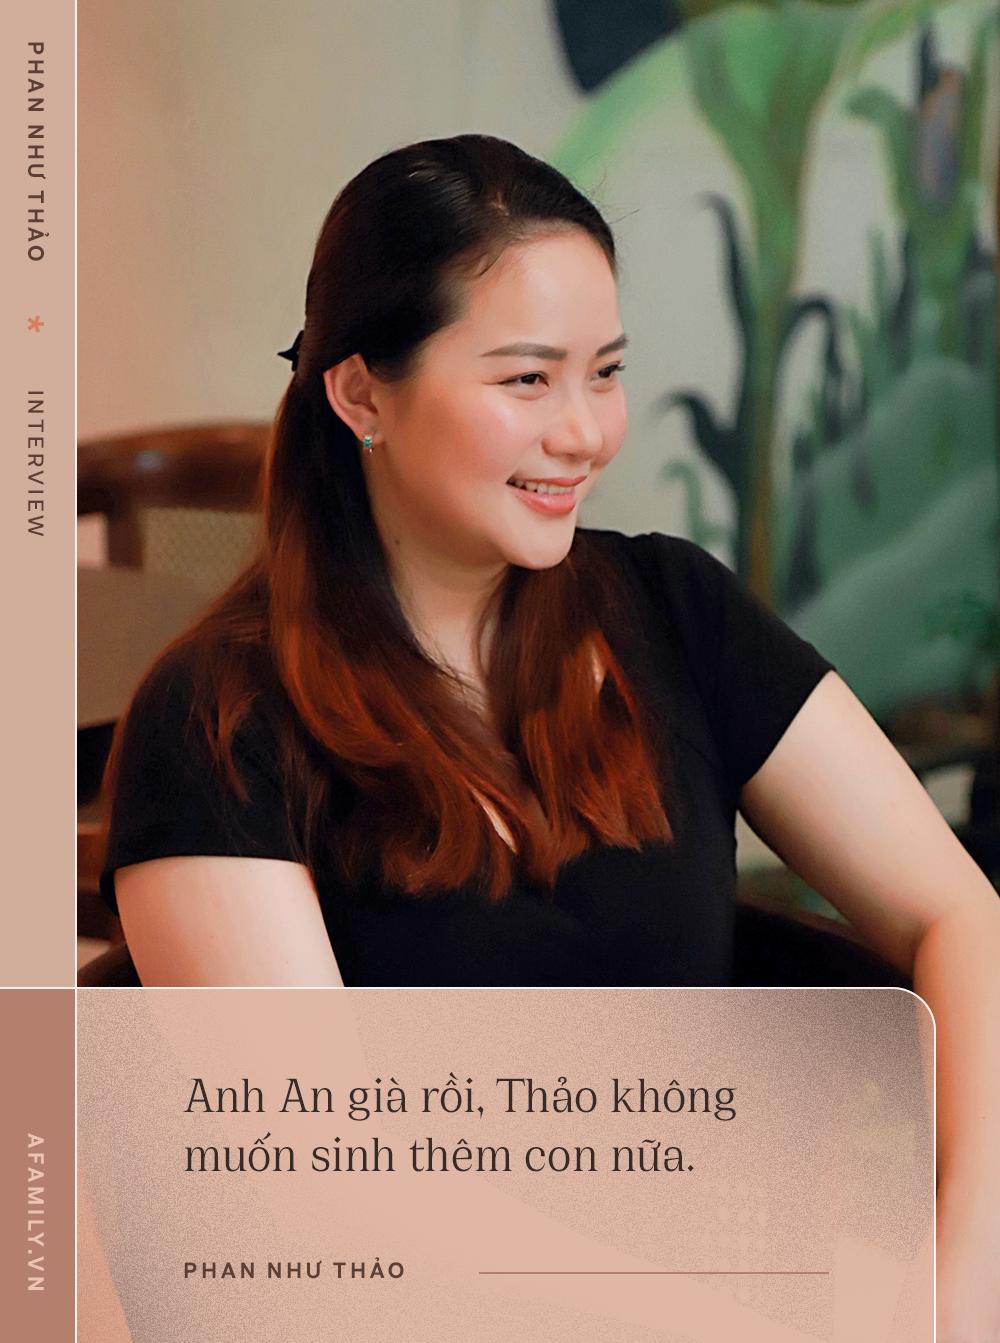 """Phan Như Thảo: Chồng mình yêu tới """"mờ mắt"""" nên vợ béo vẫn thấy hấp dẫn, thậm chí còn bảo sống mà ăn uống khổ sở thì chết đi cho rồi - Ảnh 6."""